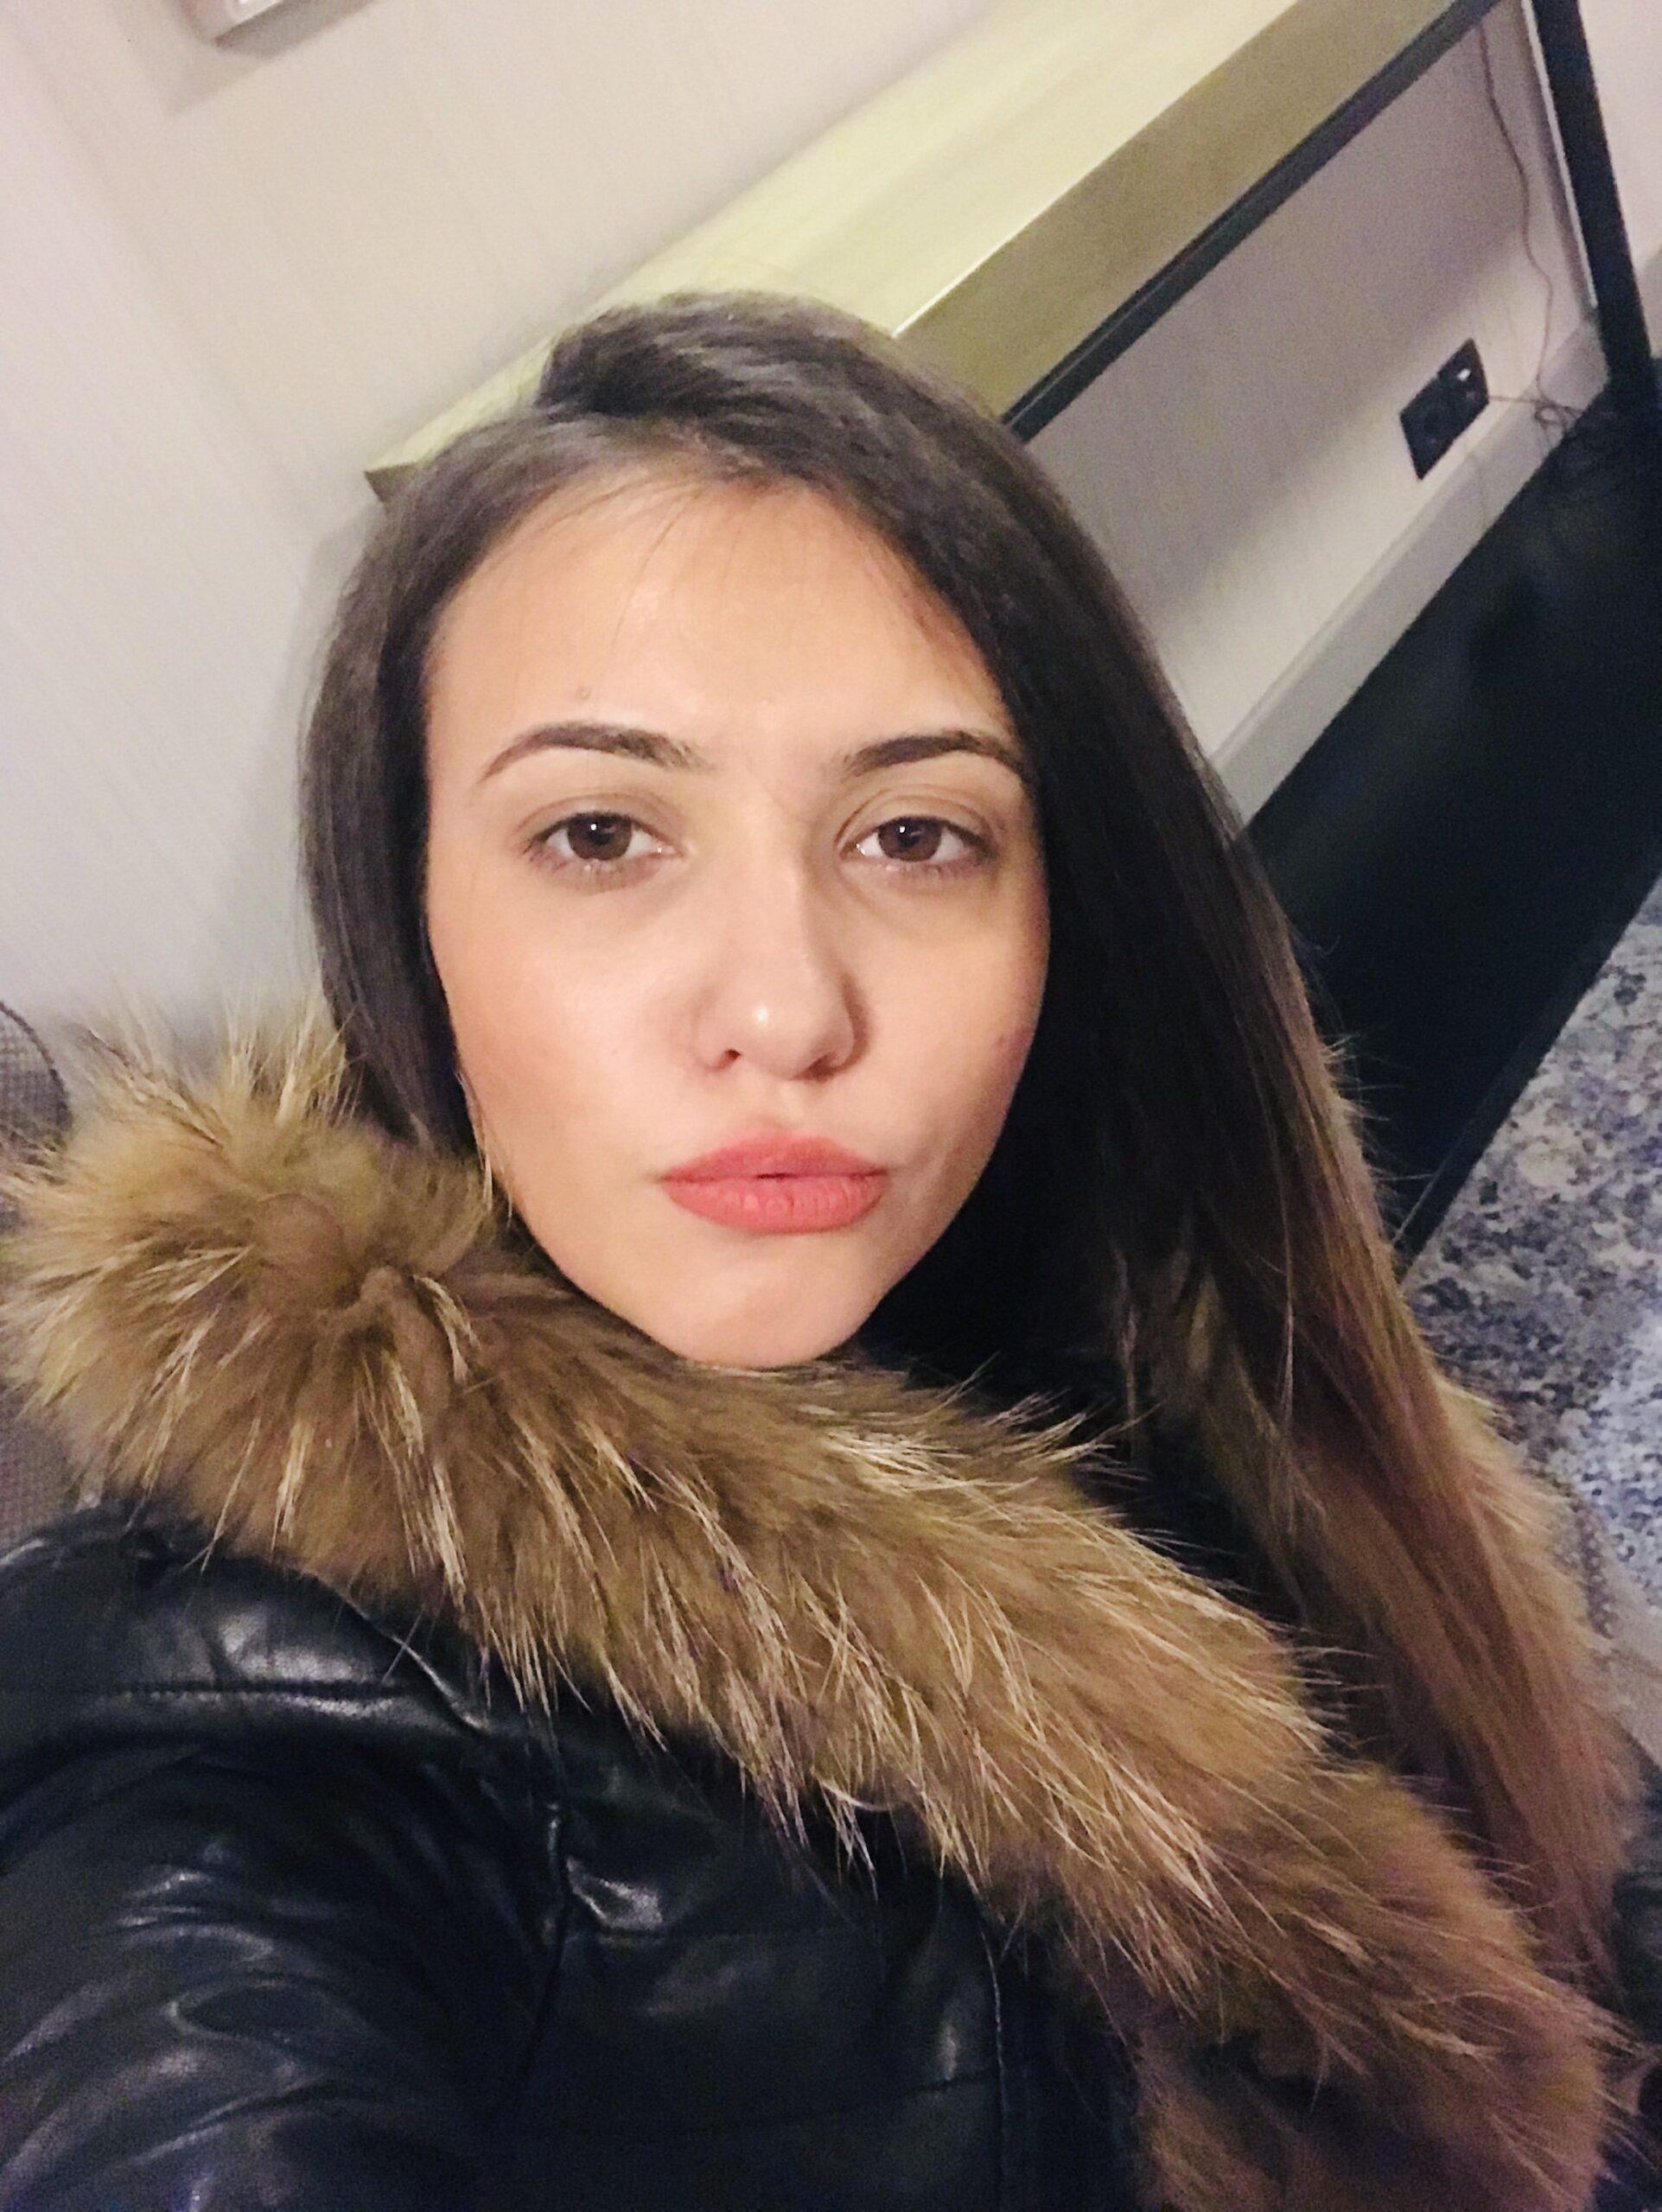 נואל בת 22 במרכז הארץ - נערות ליווי באשדוד